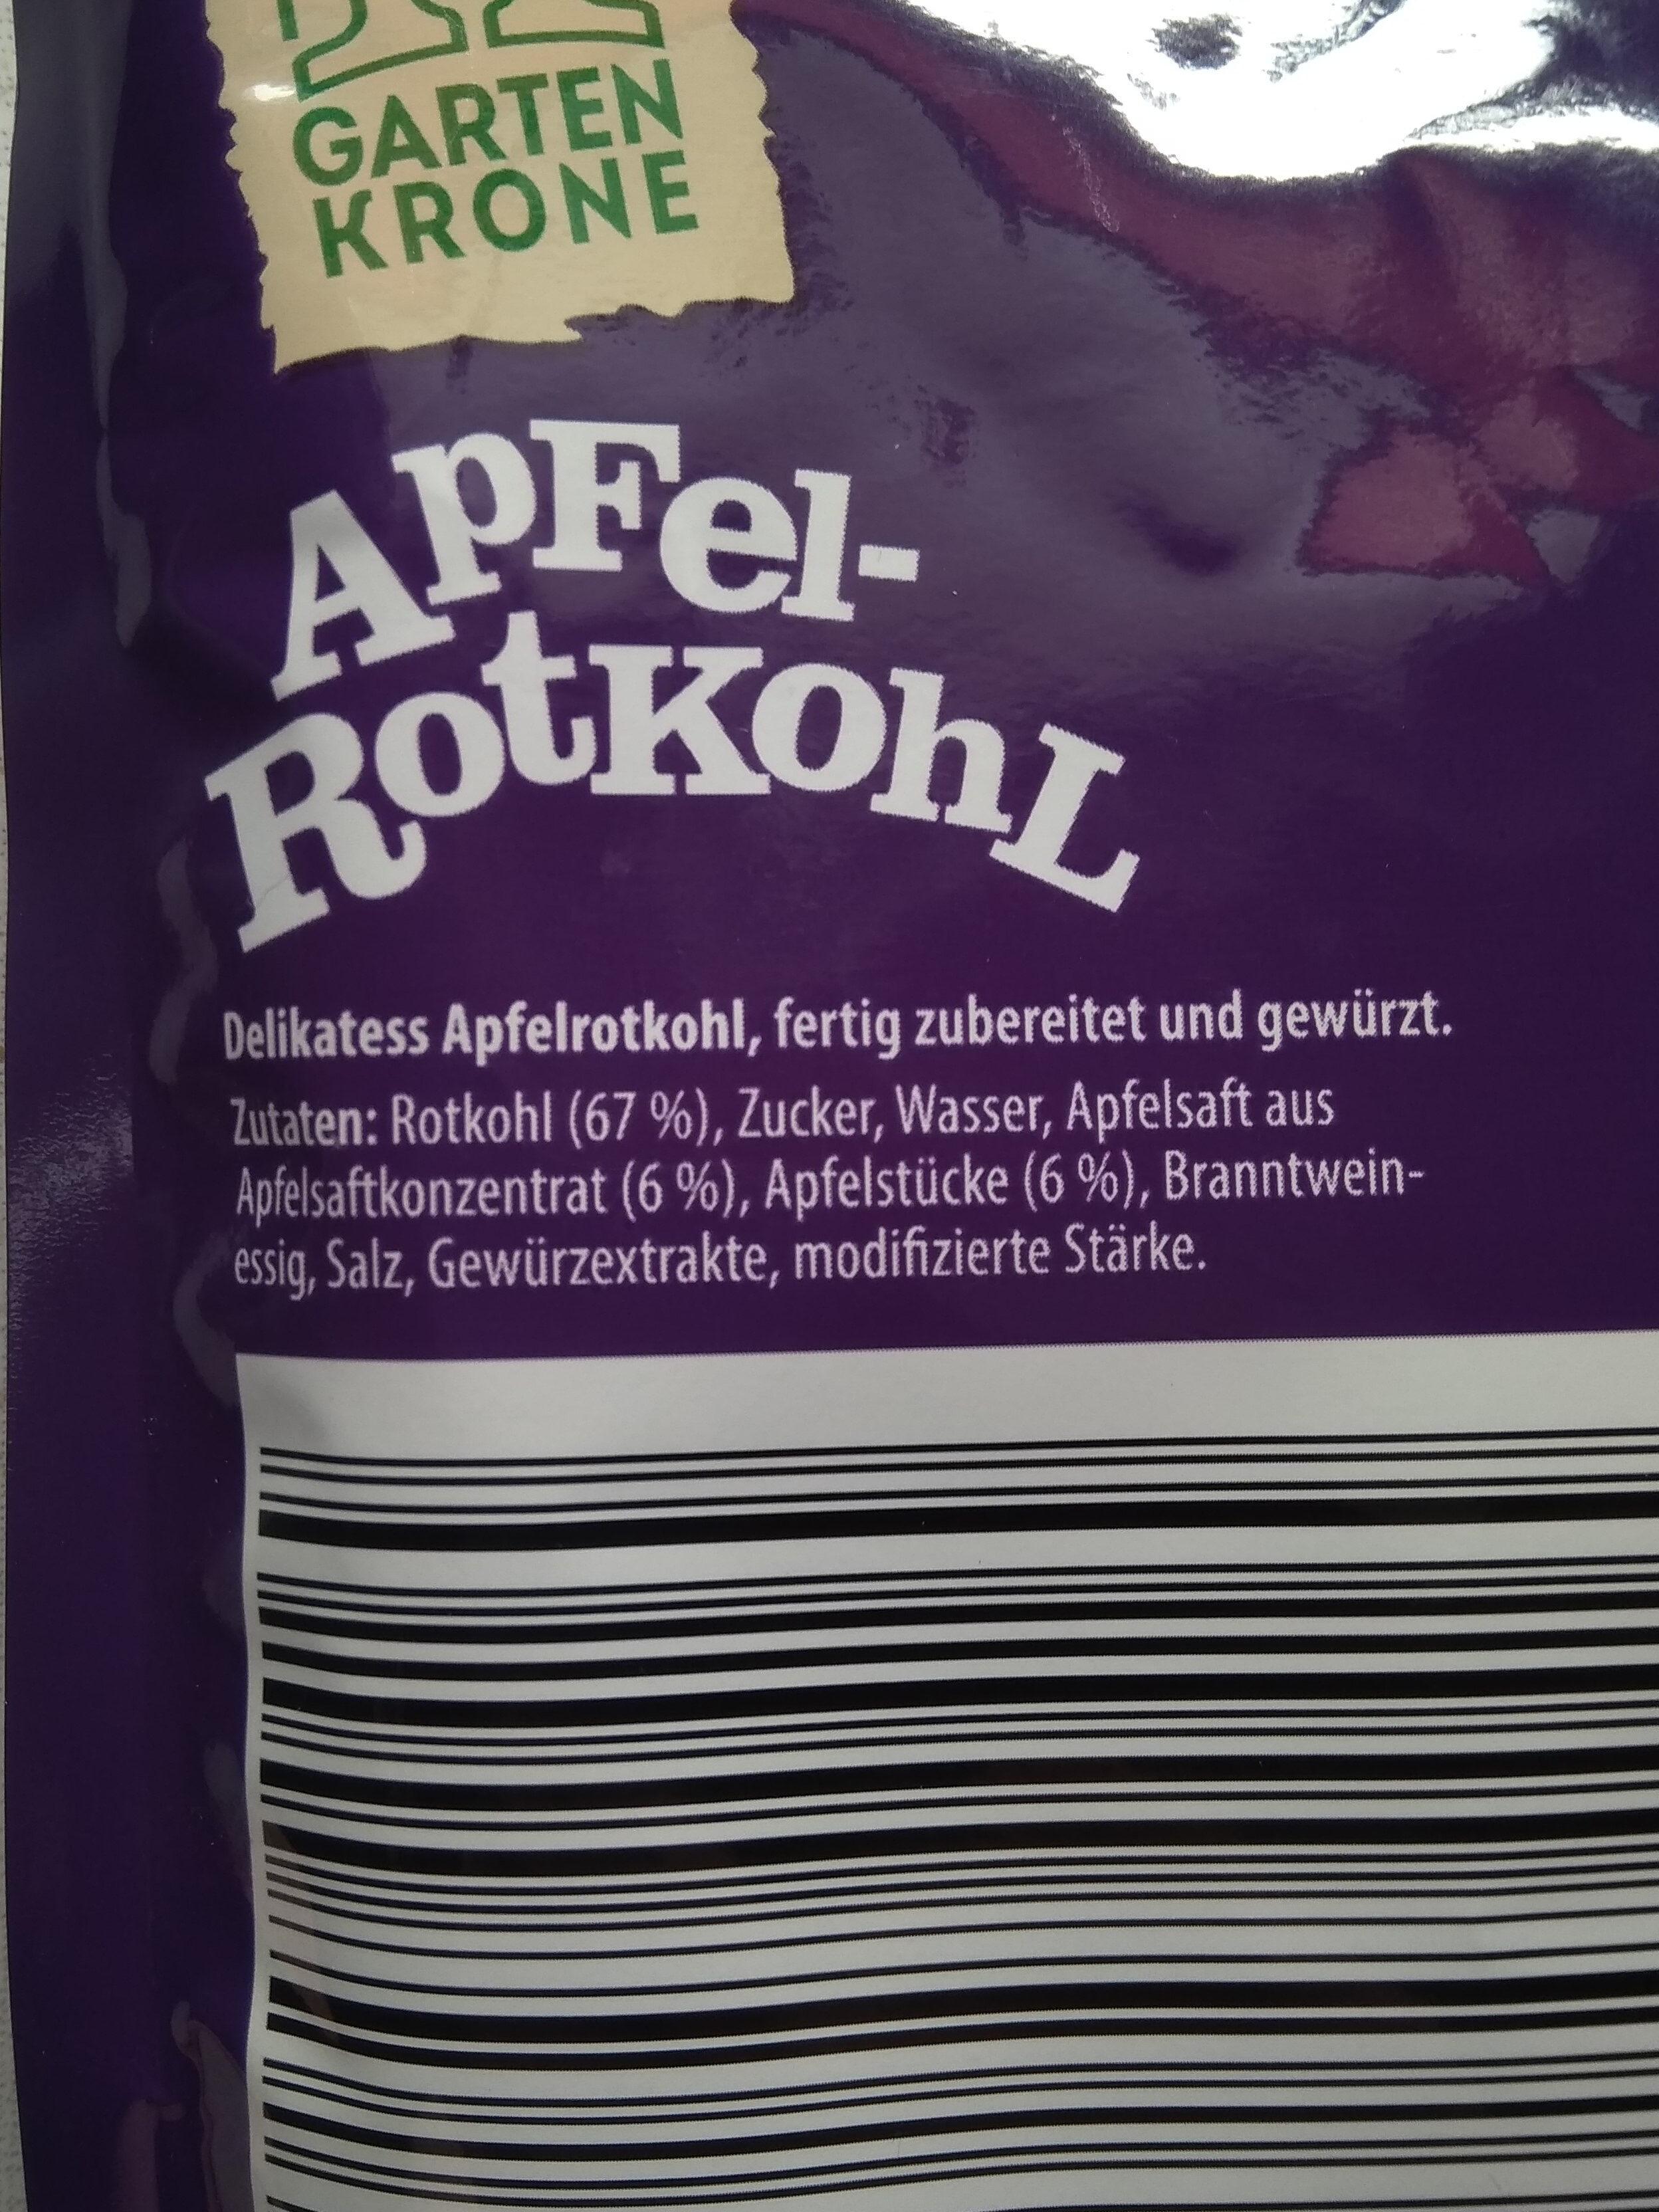 Apfel-Rotkohl - Ingredients - de